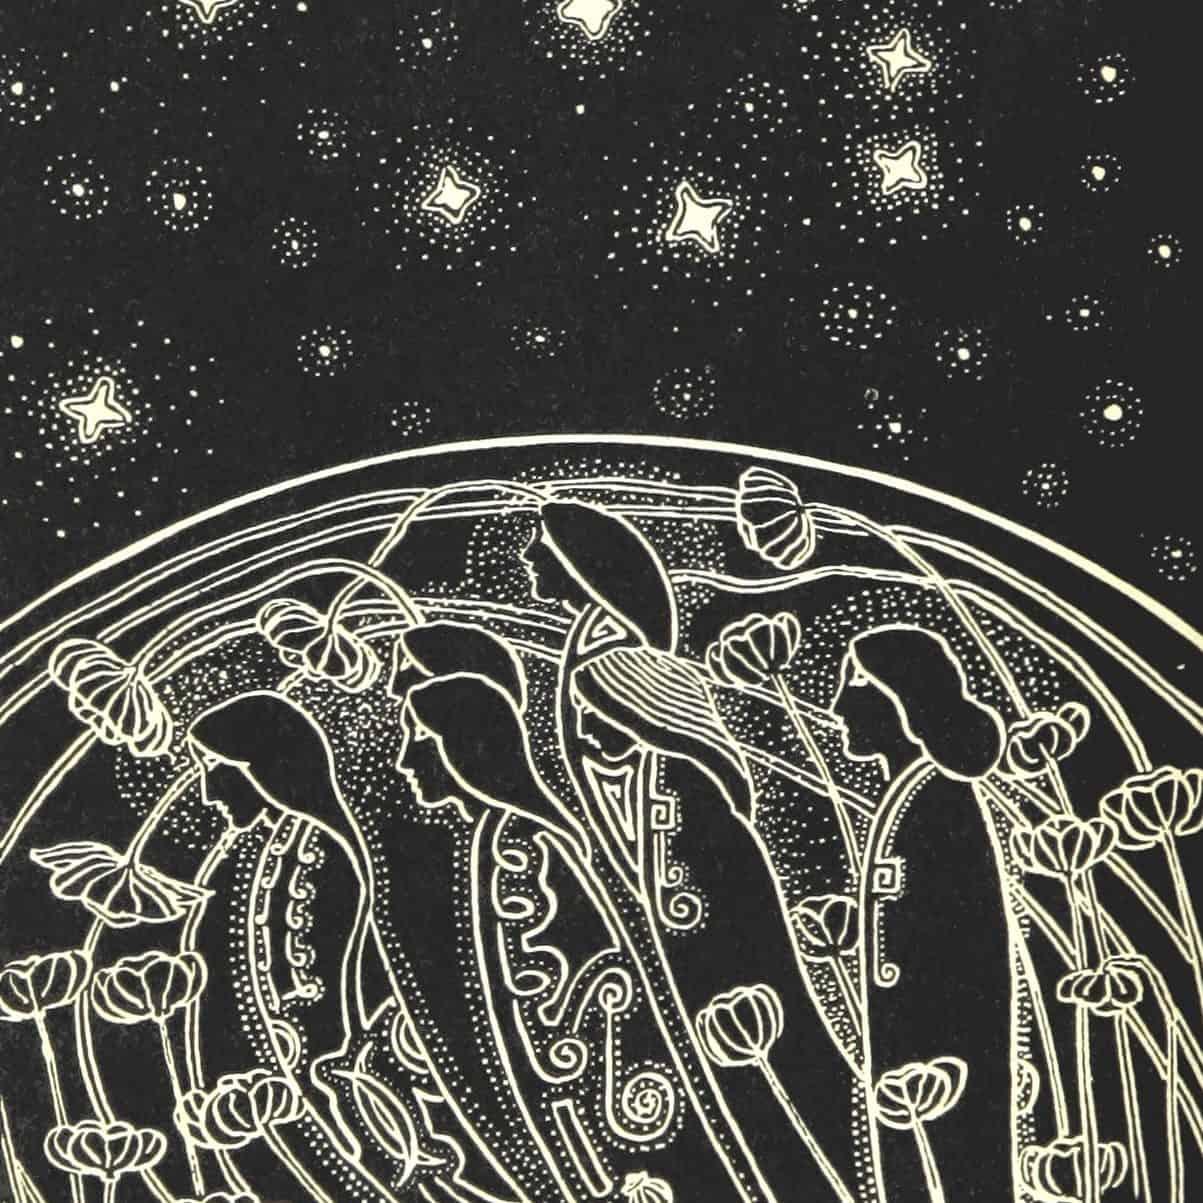 Spirits and Stars